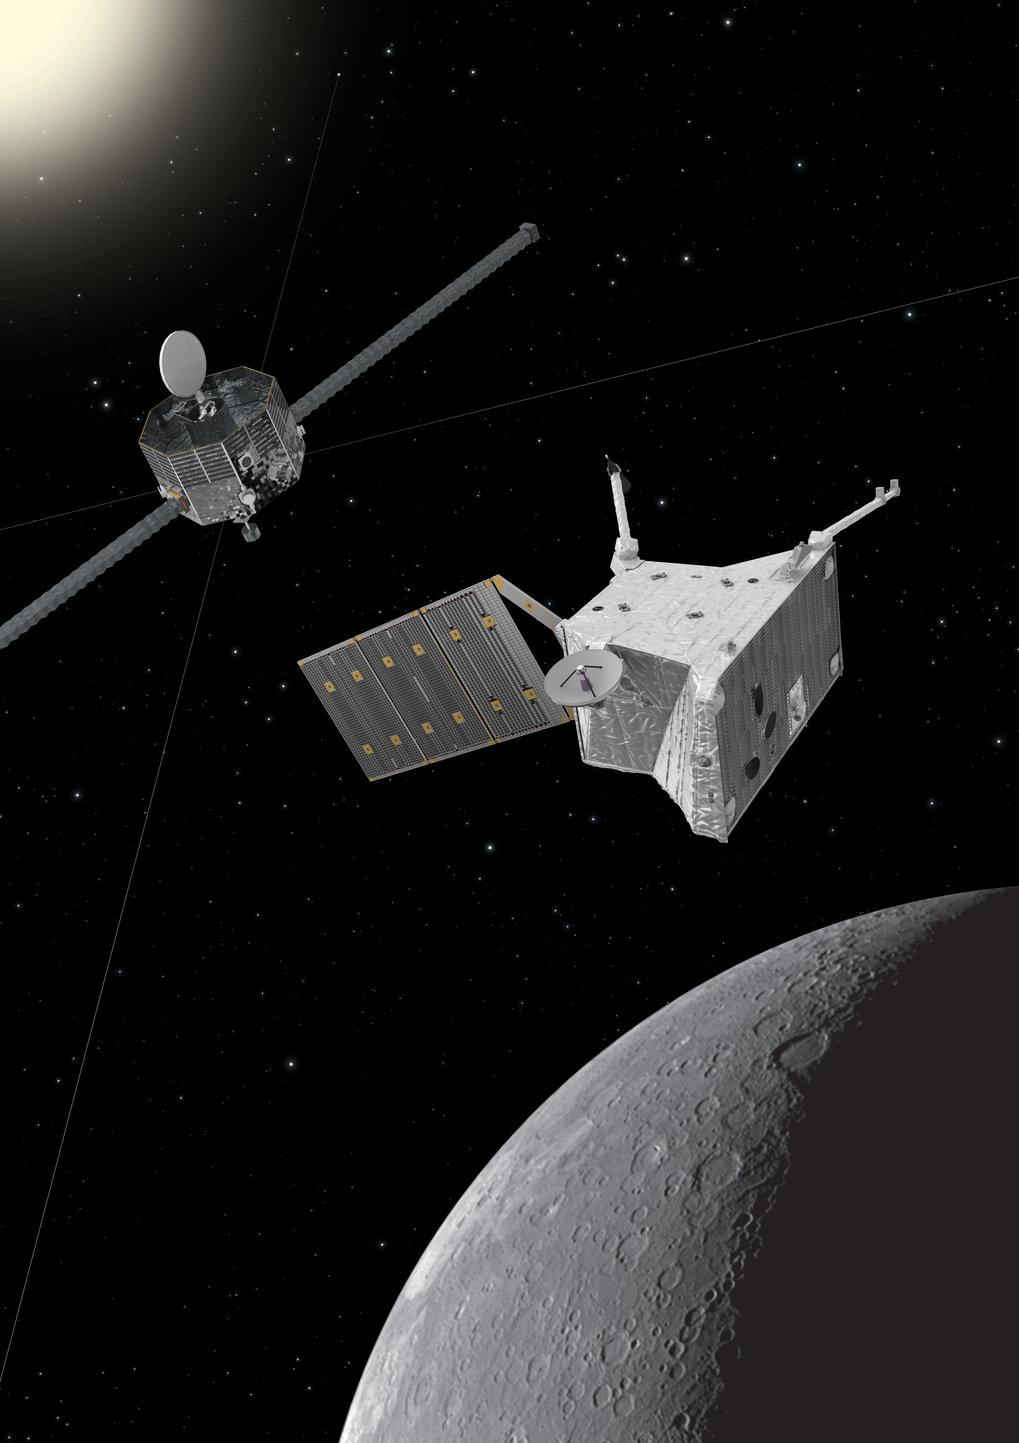 Die Schwestersonden MPO (Mercury Planetary Orbiter) und MMO (Mercury Magnetospheric Orbiter) umrunden den Merkur auf unterschiedlichen Ellipsen: MPO n